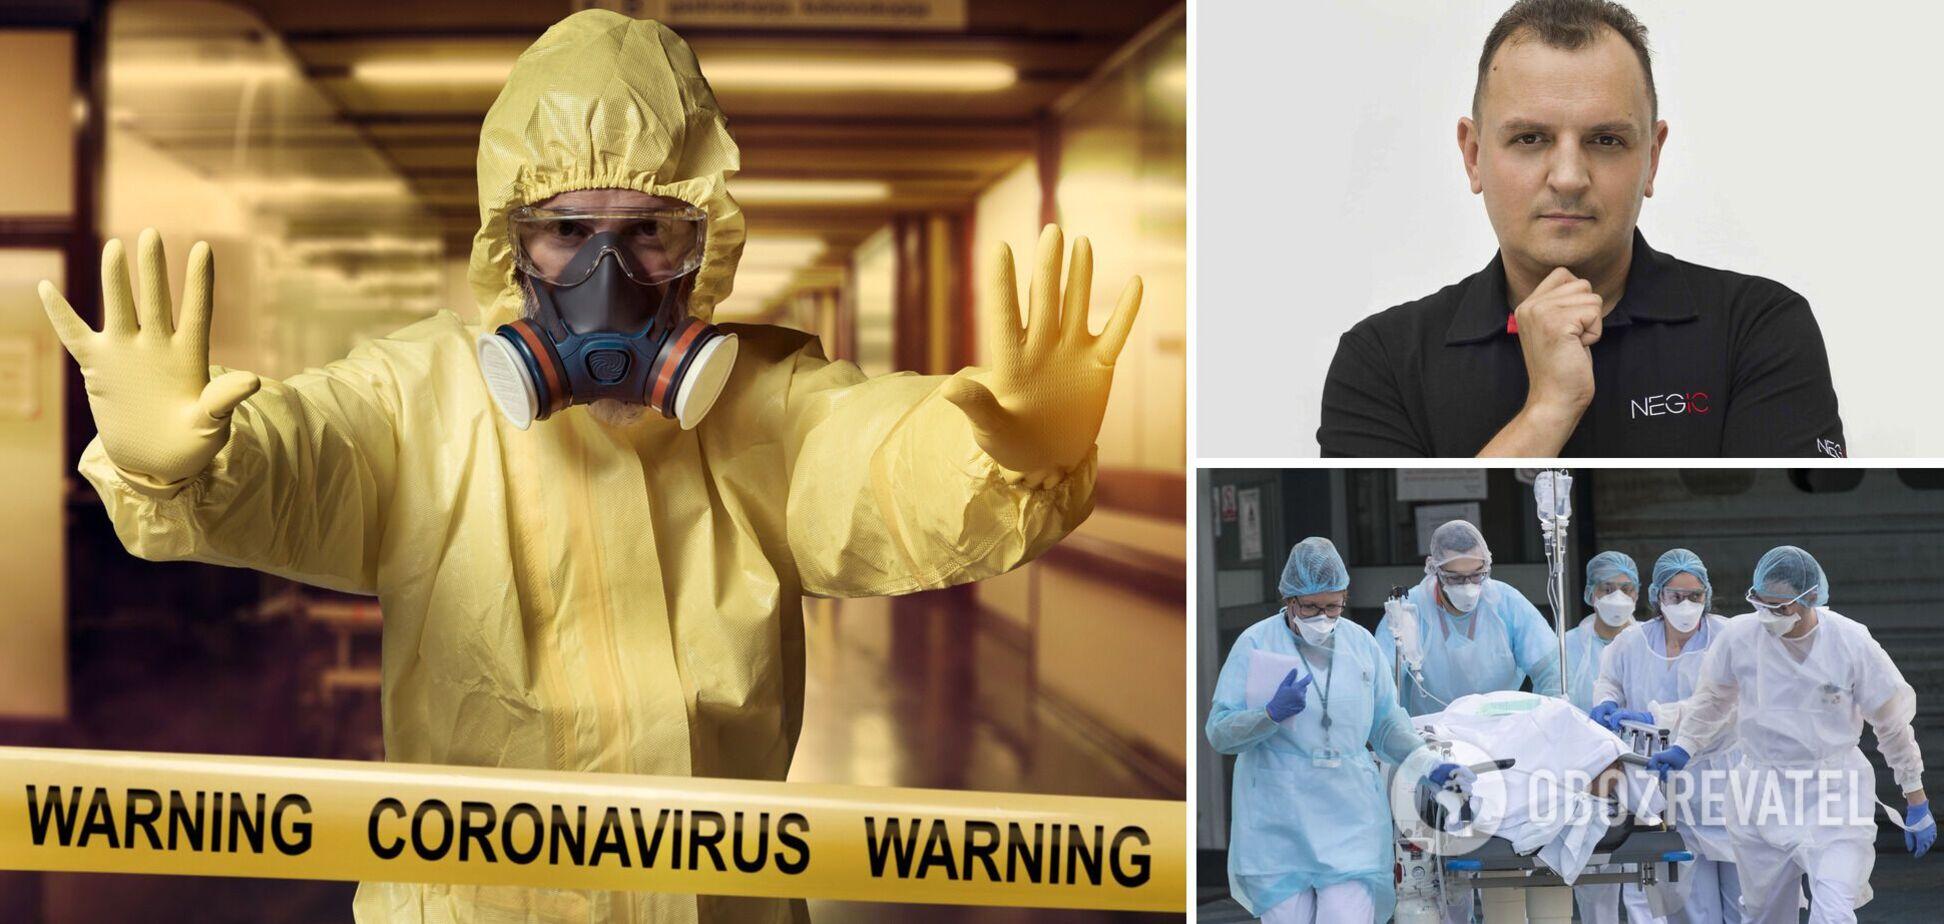 Александрин обвинил государство в провале борьбы с коронавирусом